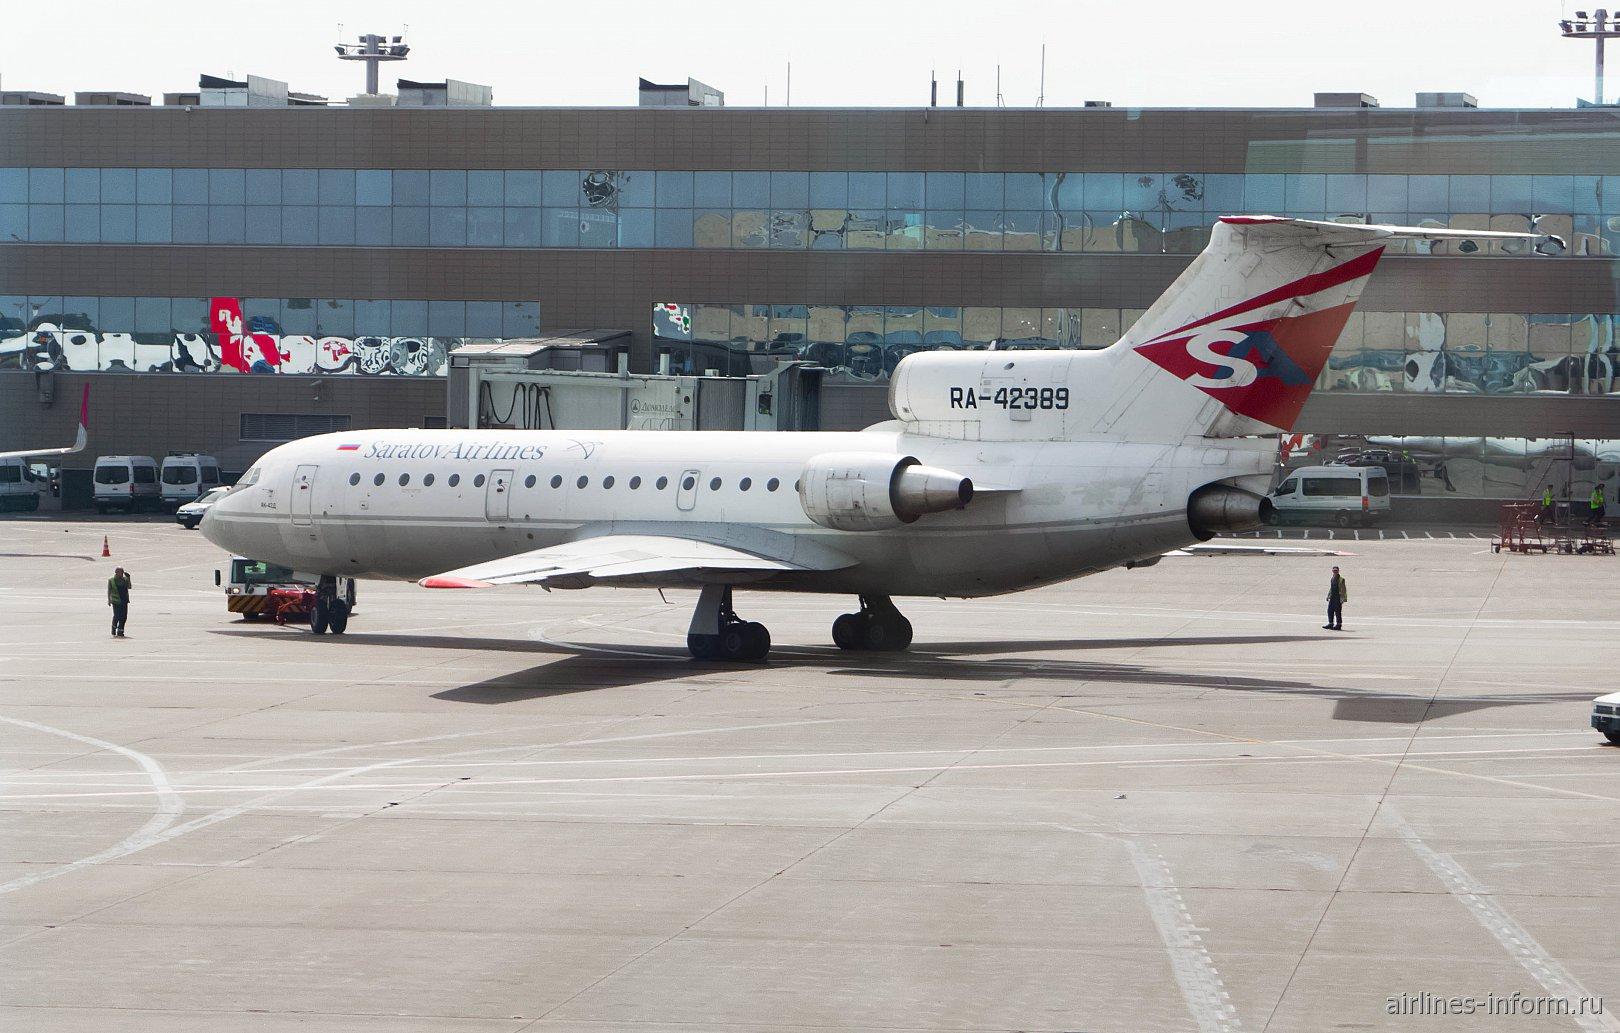 Самолет Як-42 Саратовских авиалиний в аэропорту Домодедово